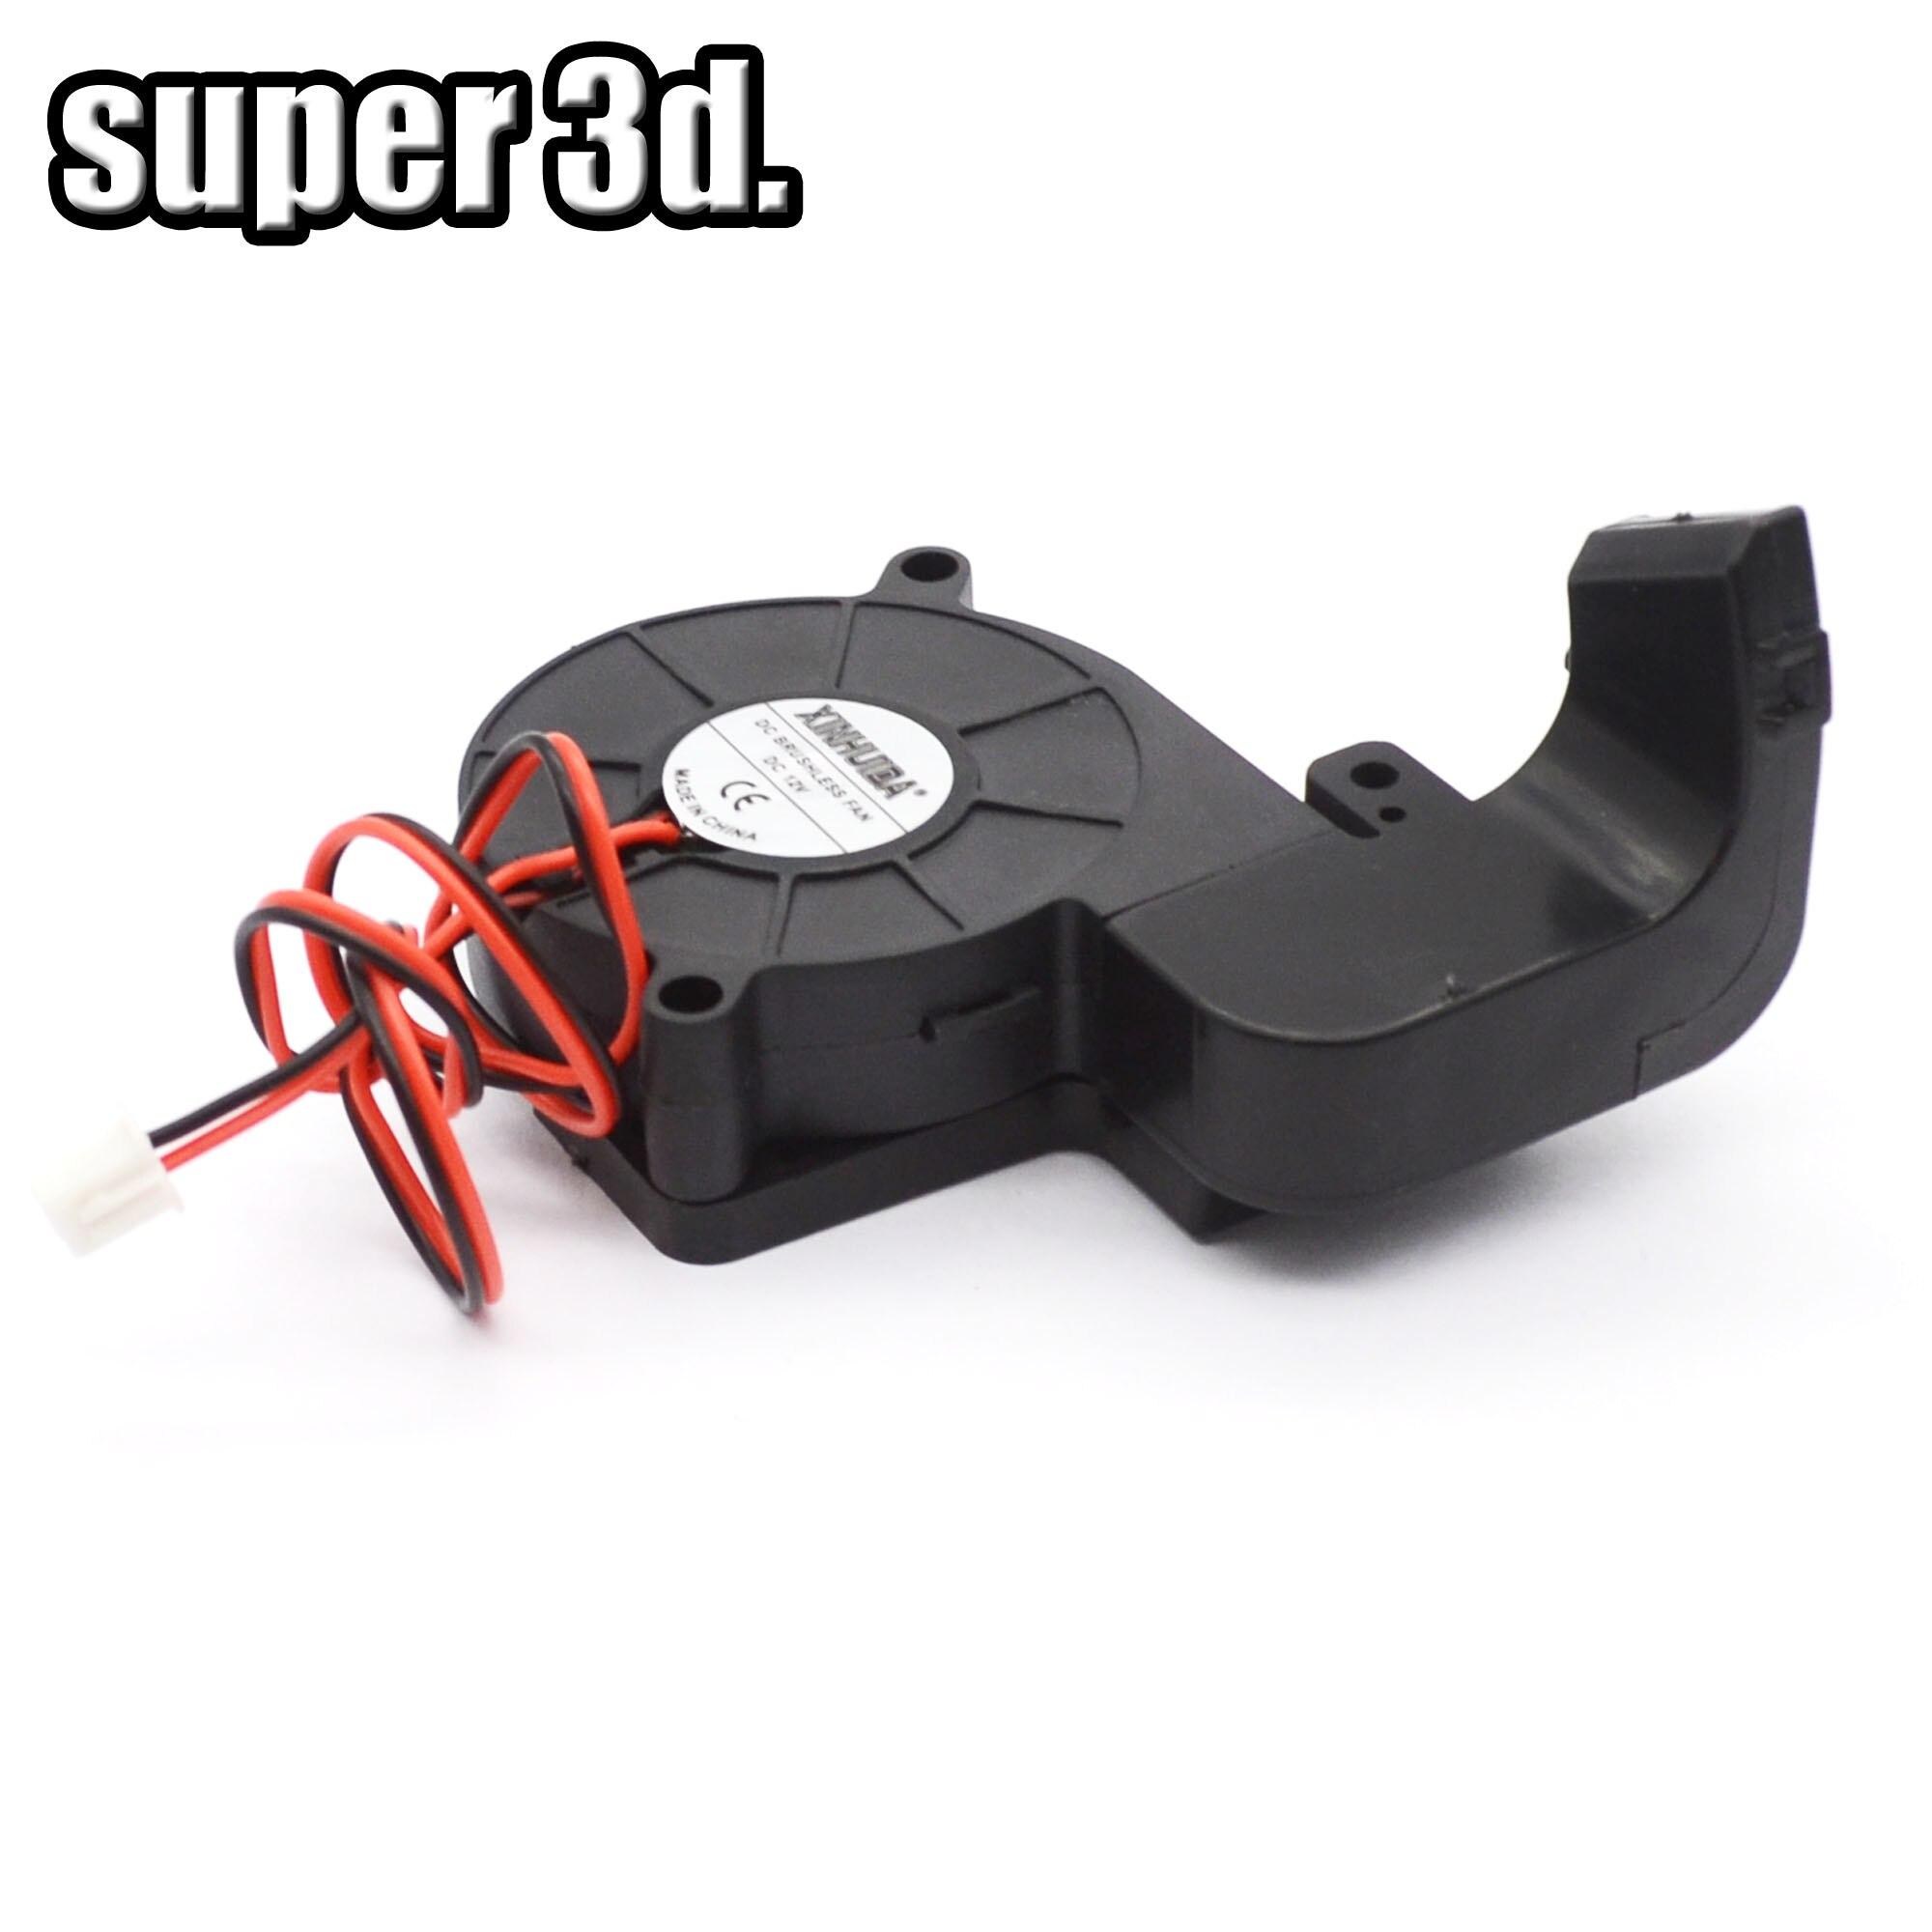 1 zestaw 5015 12 V/24 V dmuchawa turbo wentylator z prowadnicą powietrza zestaw uchwytów mocujących kanał z 2pin kabel do drukarki 3D MK10 części